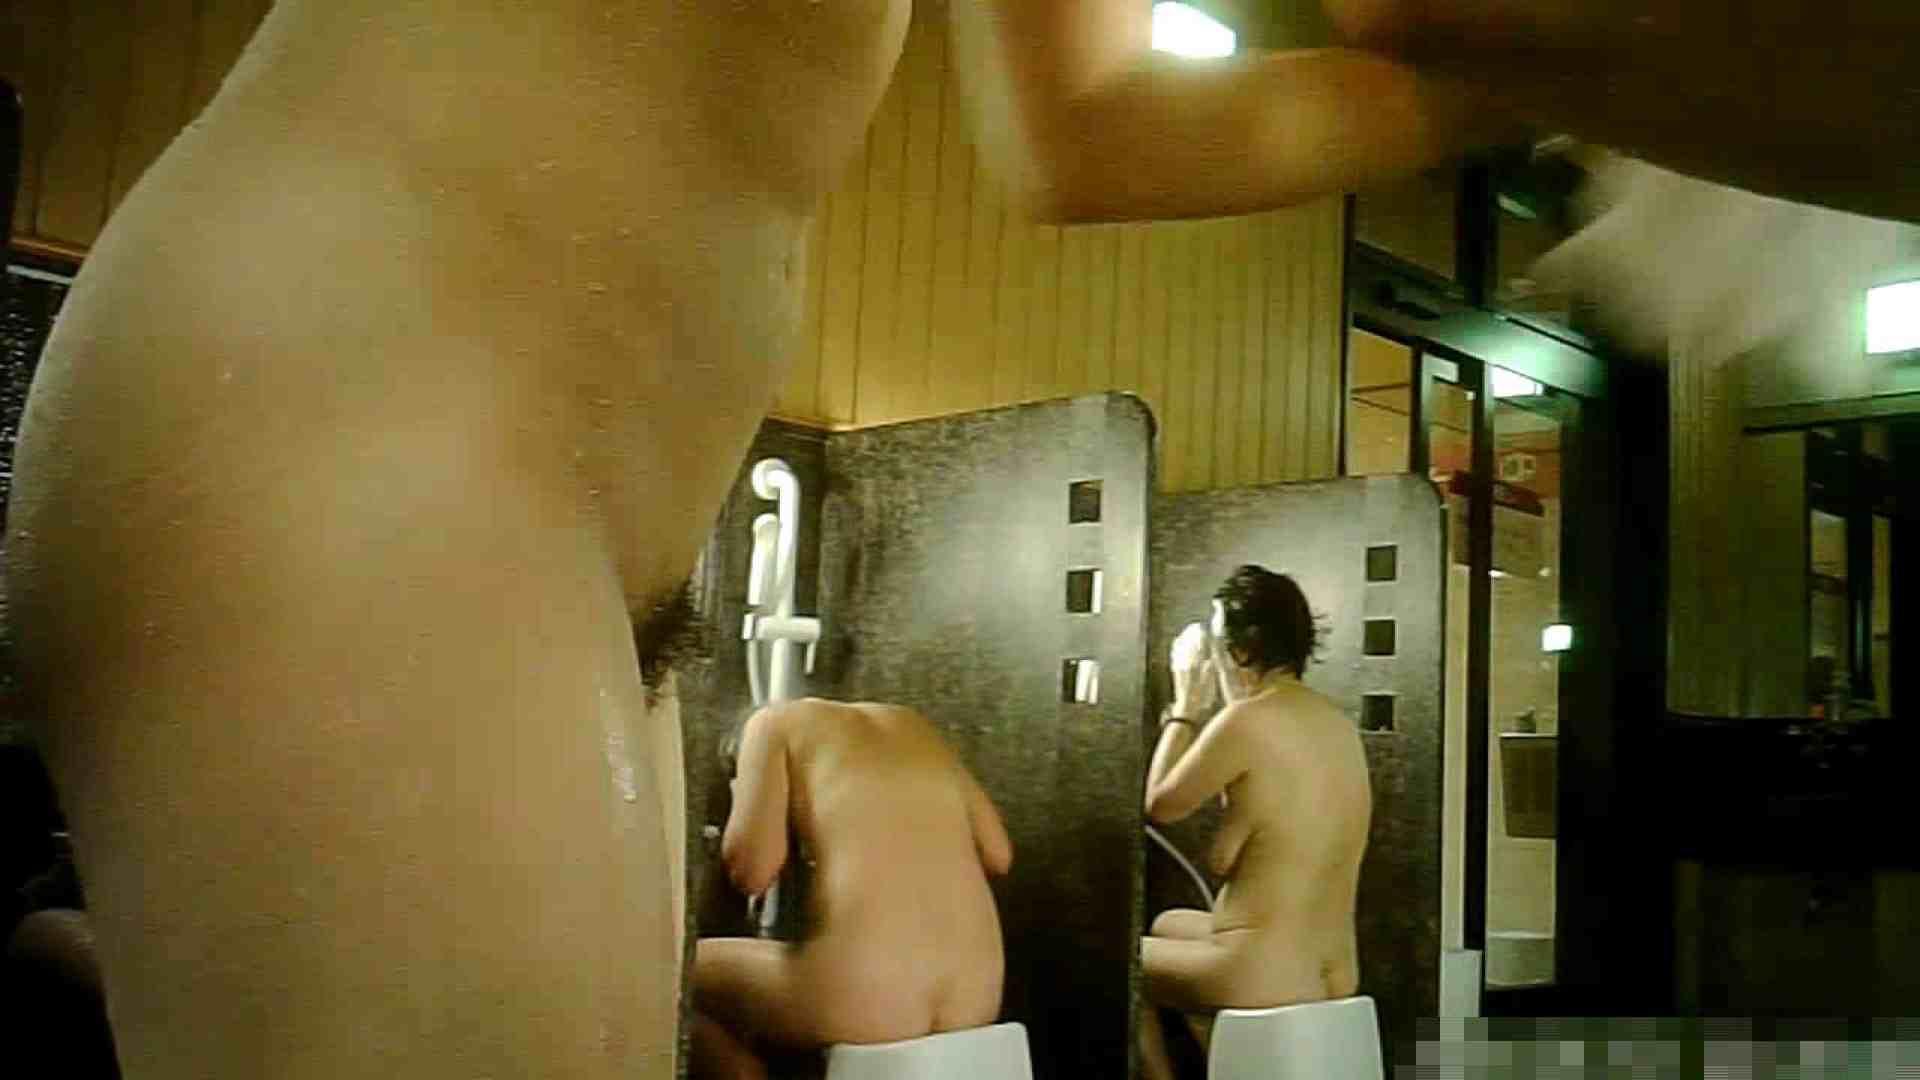 手を染めてしまった女性盗撮師の女風呂潜入記 vol.007 銭湯 | 脱衣所  69pic 15